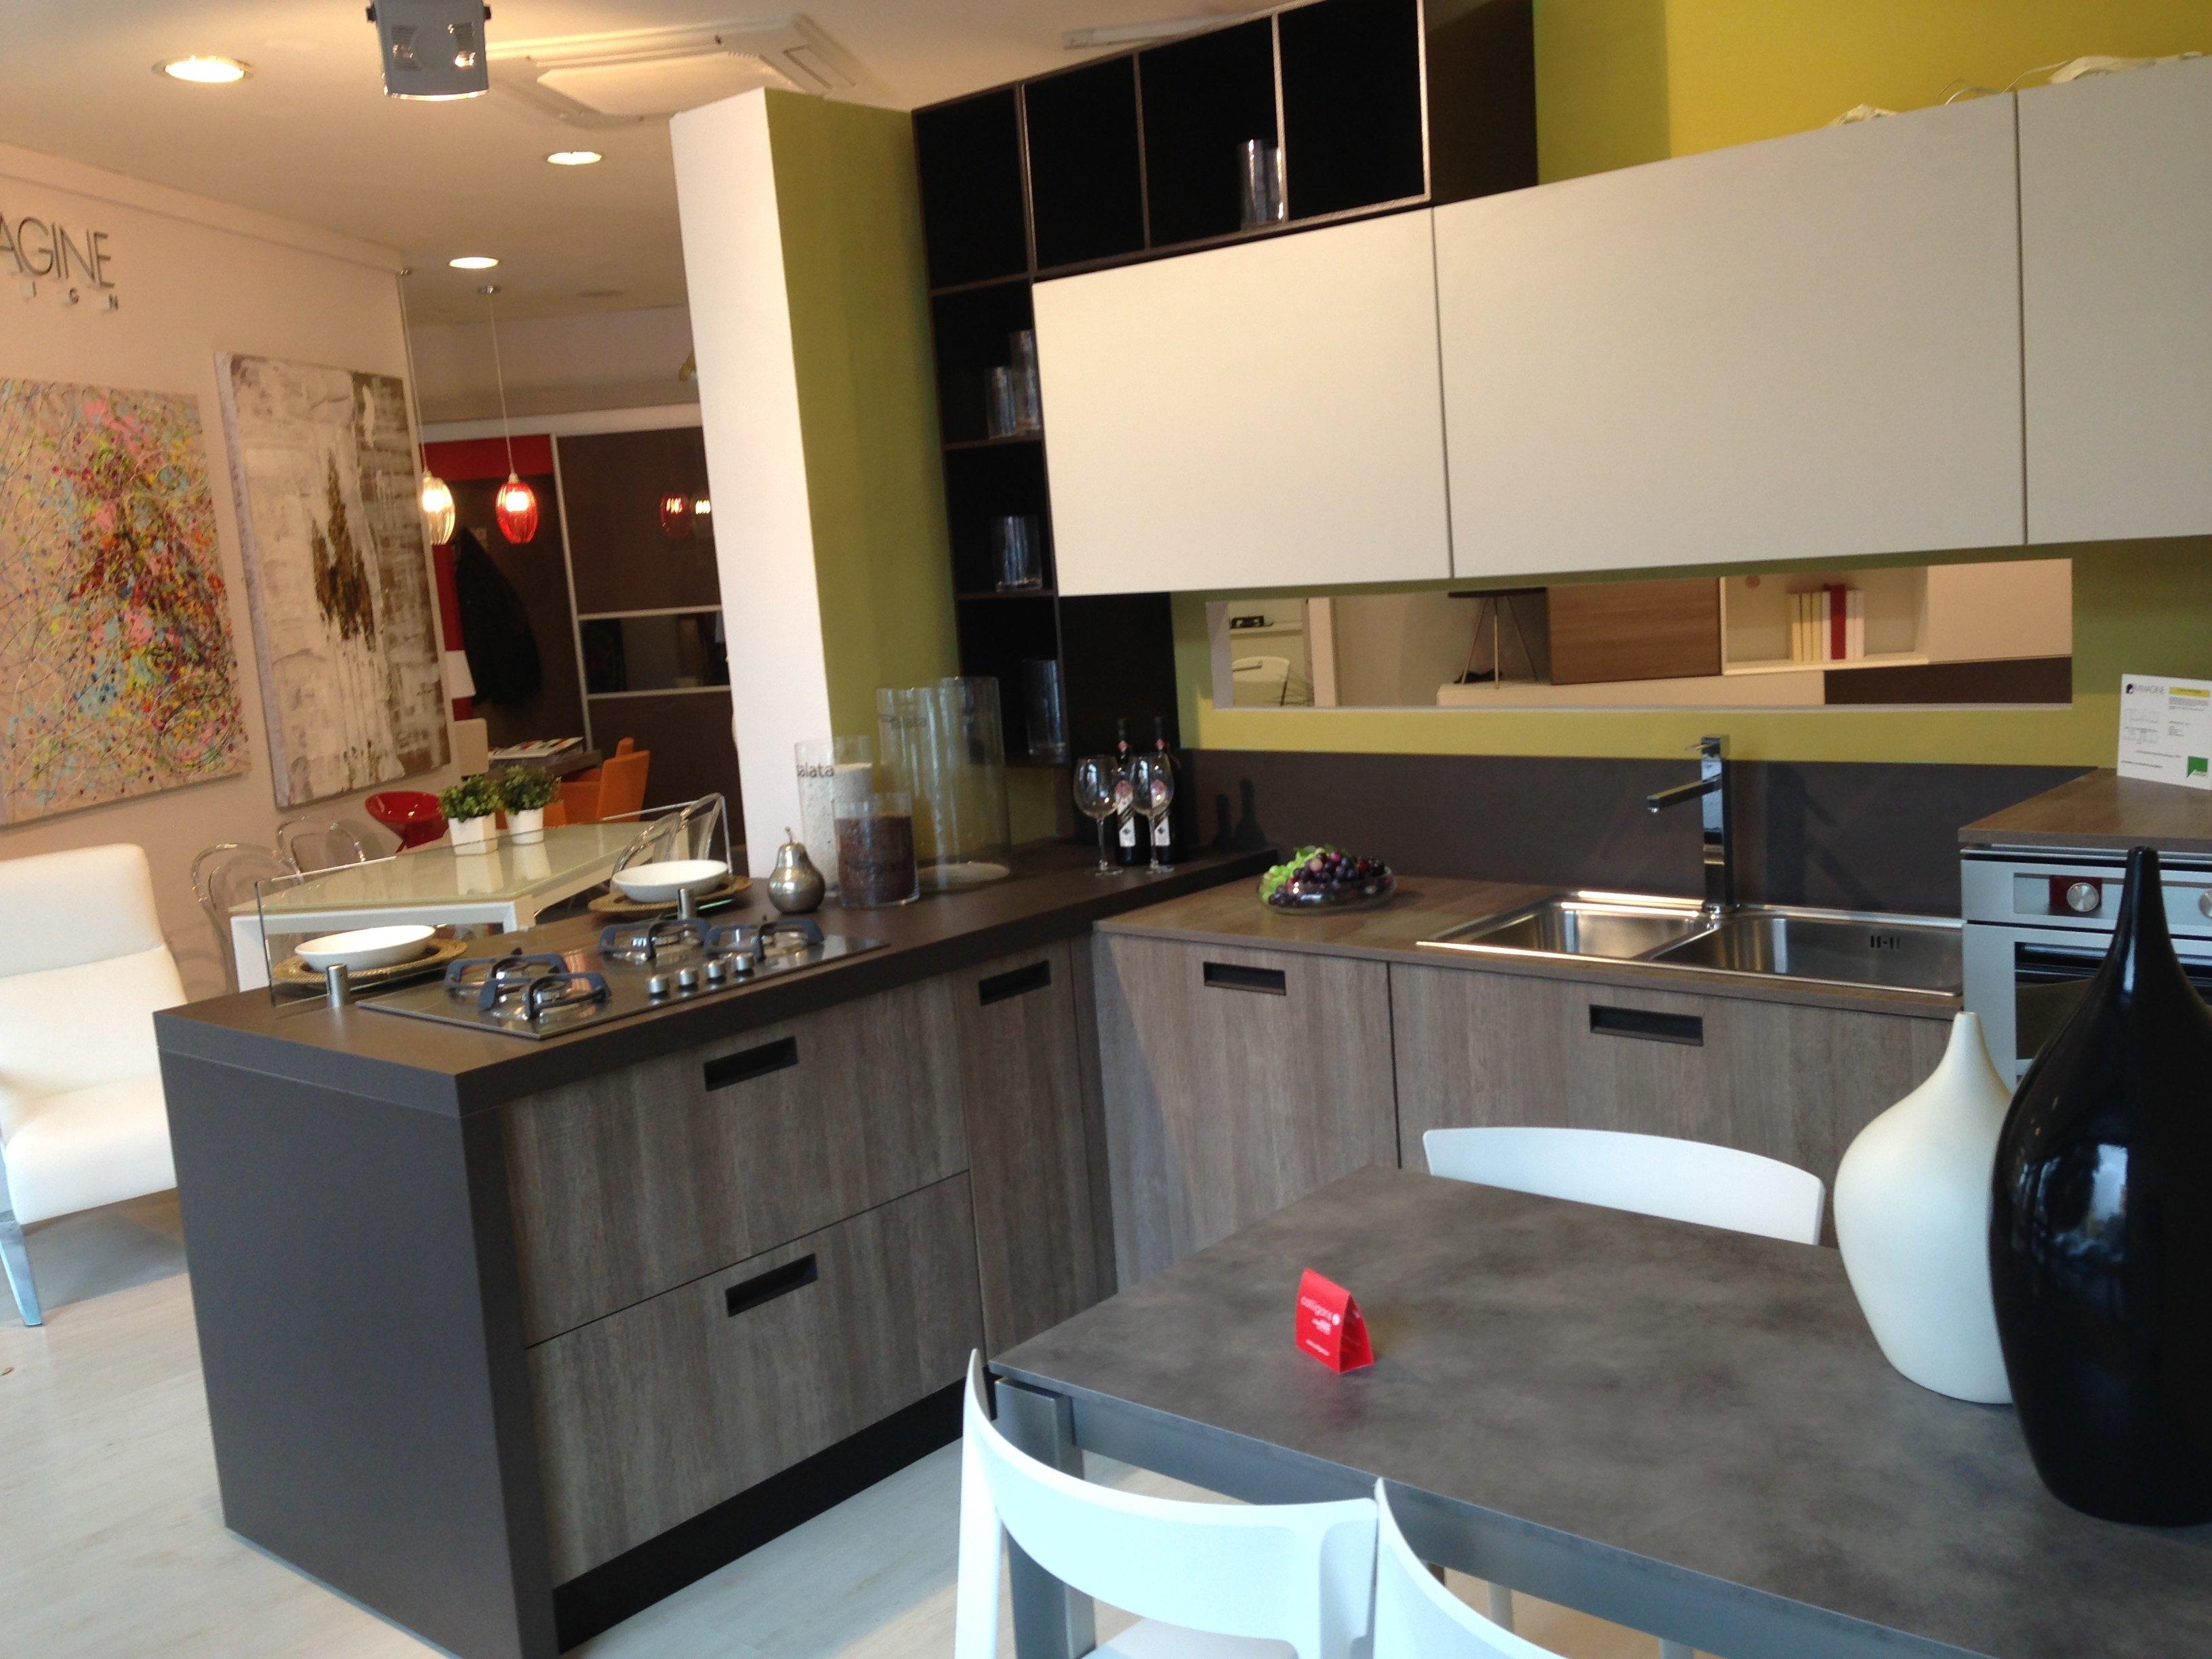 Maniglie Ikea Per Cucina